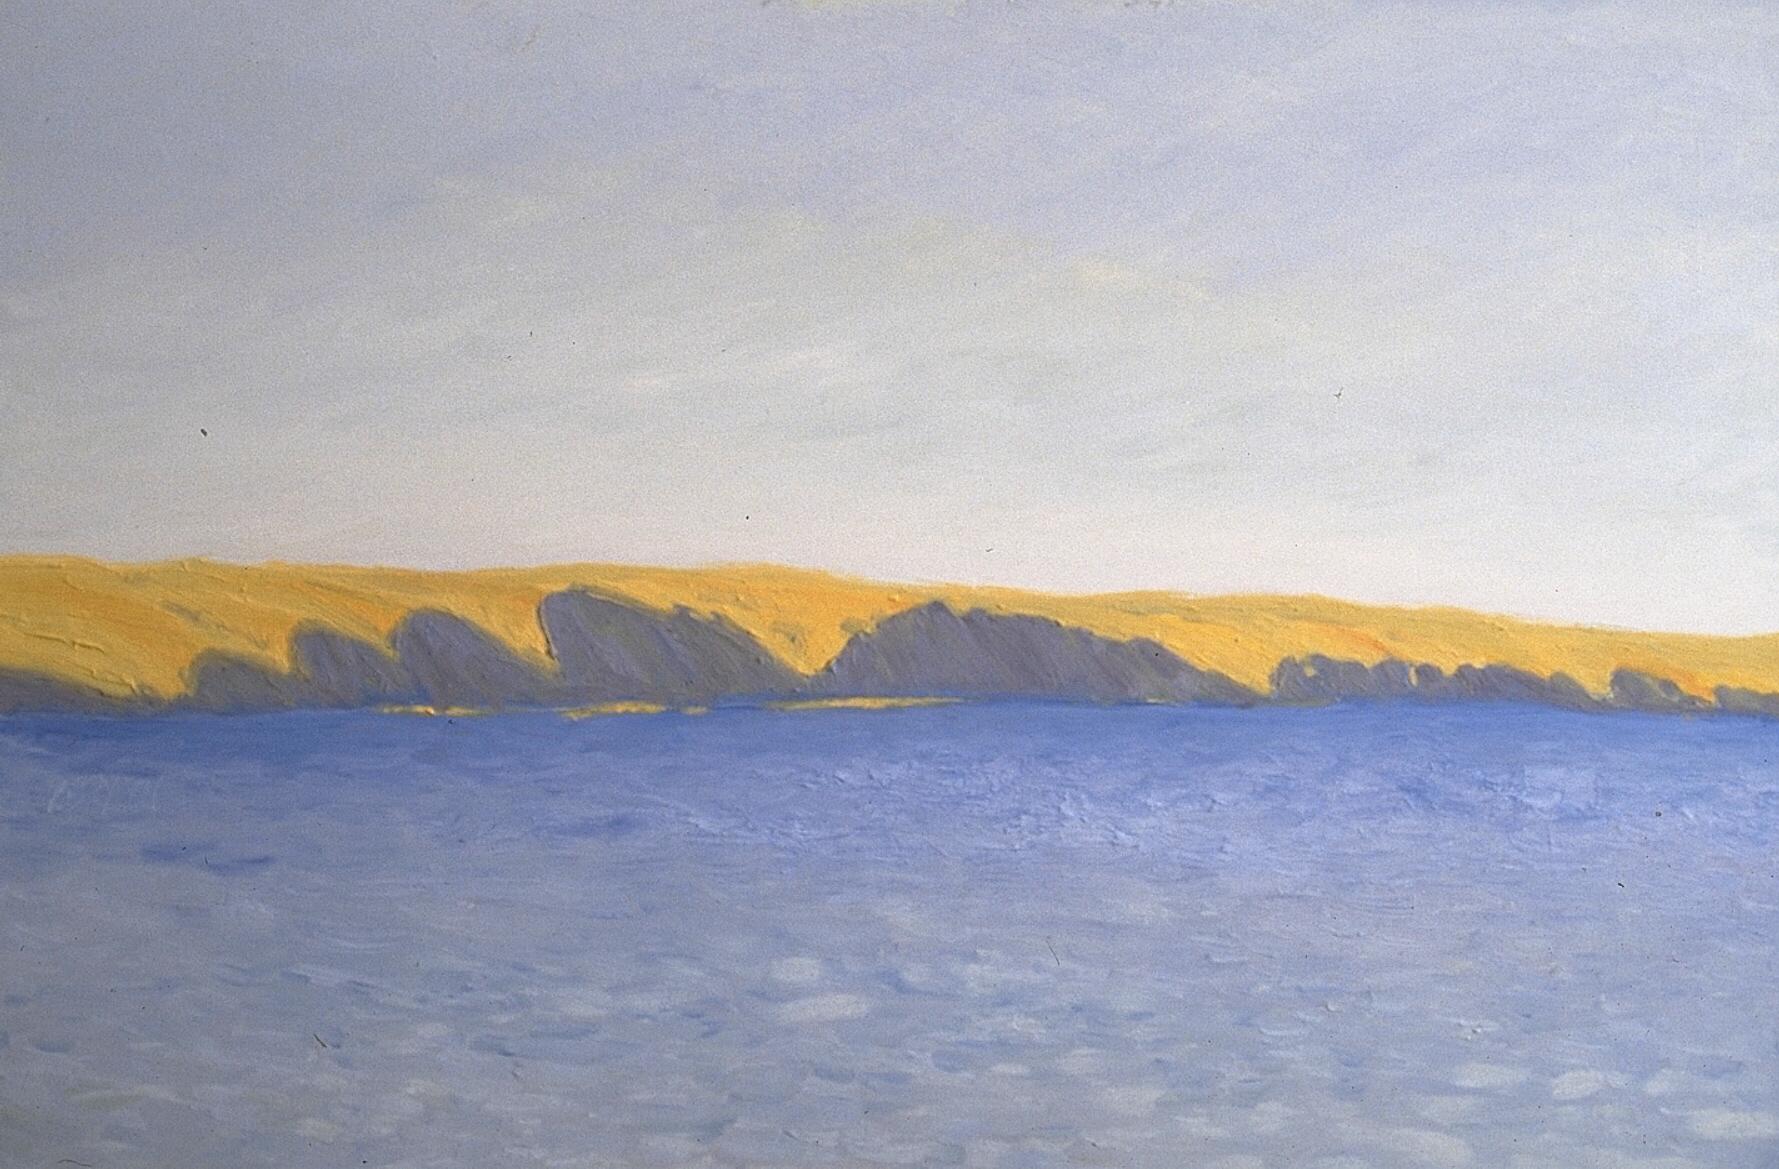 White cliffs 2